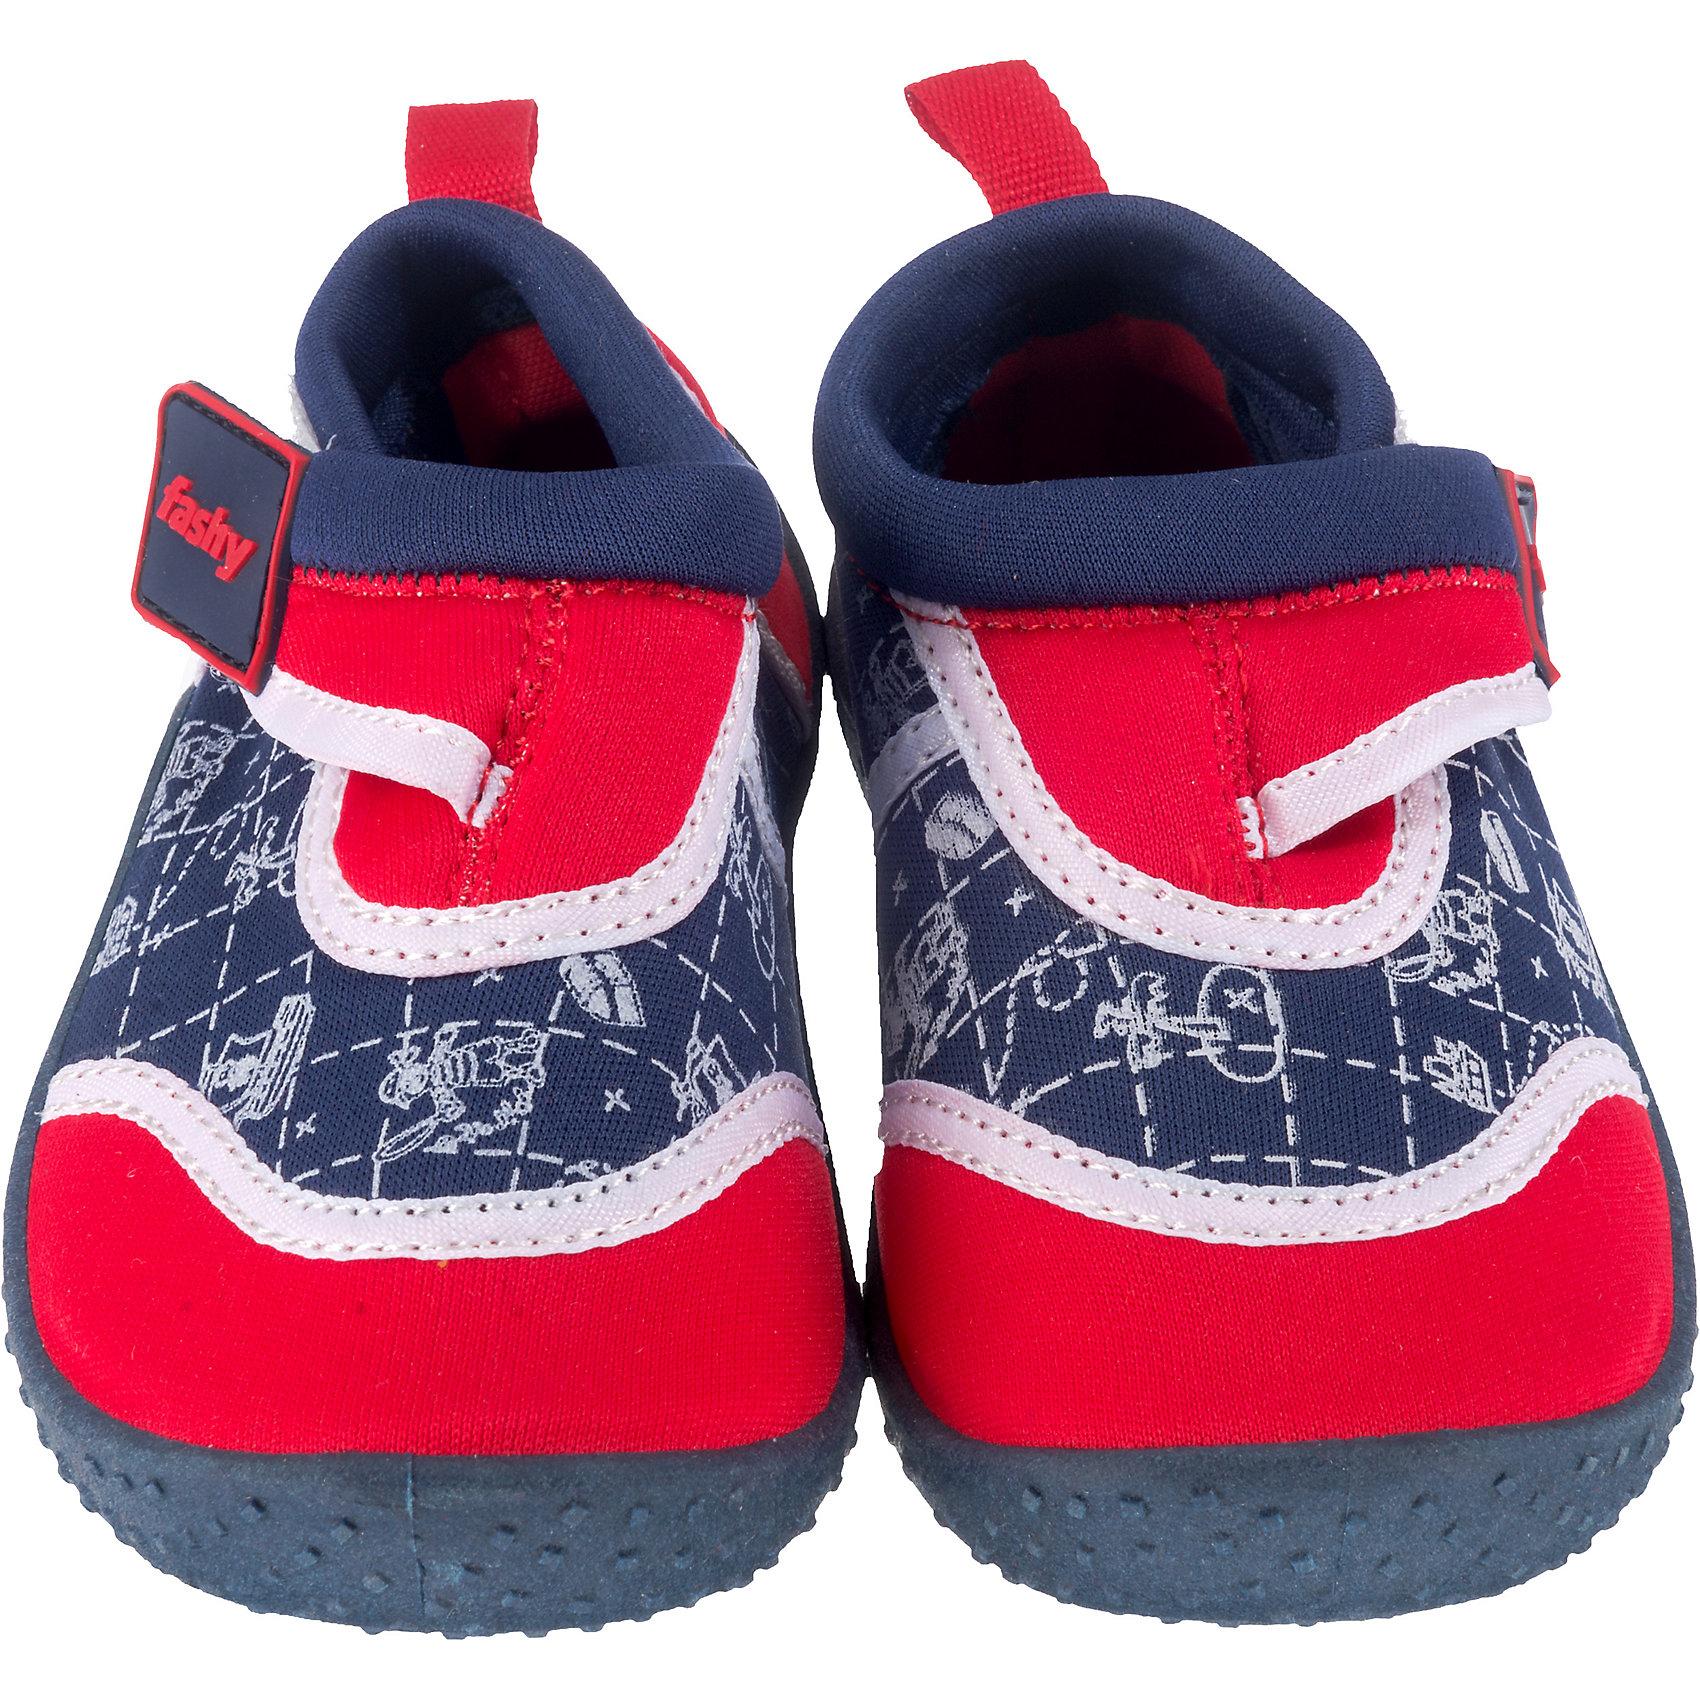 Neu fashy Kinder Aqua-Schuh Arona 7643374 für Mädchen türkis